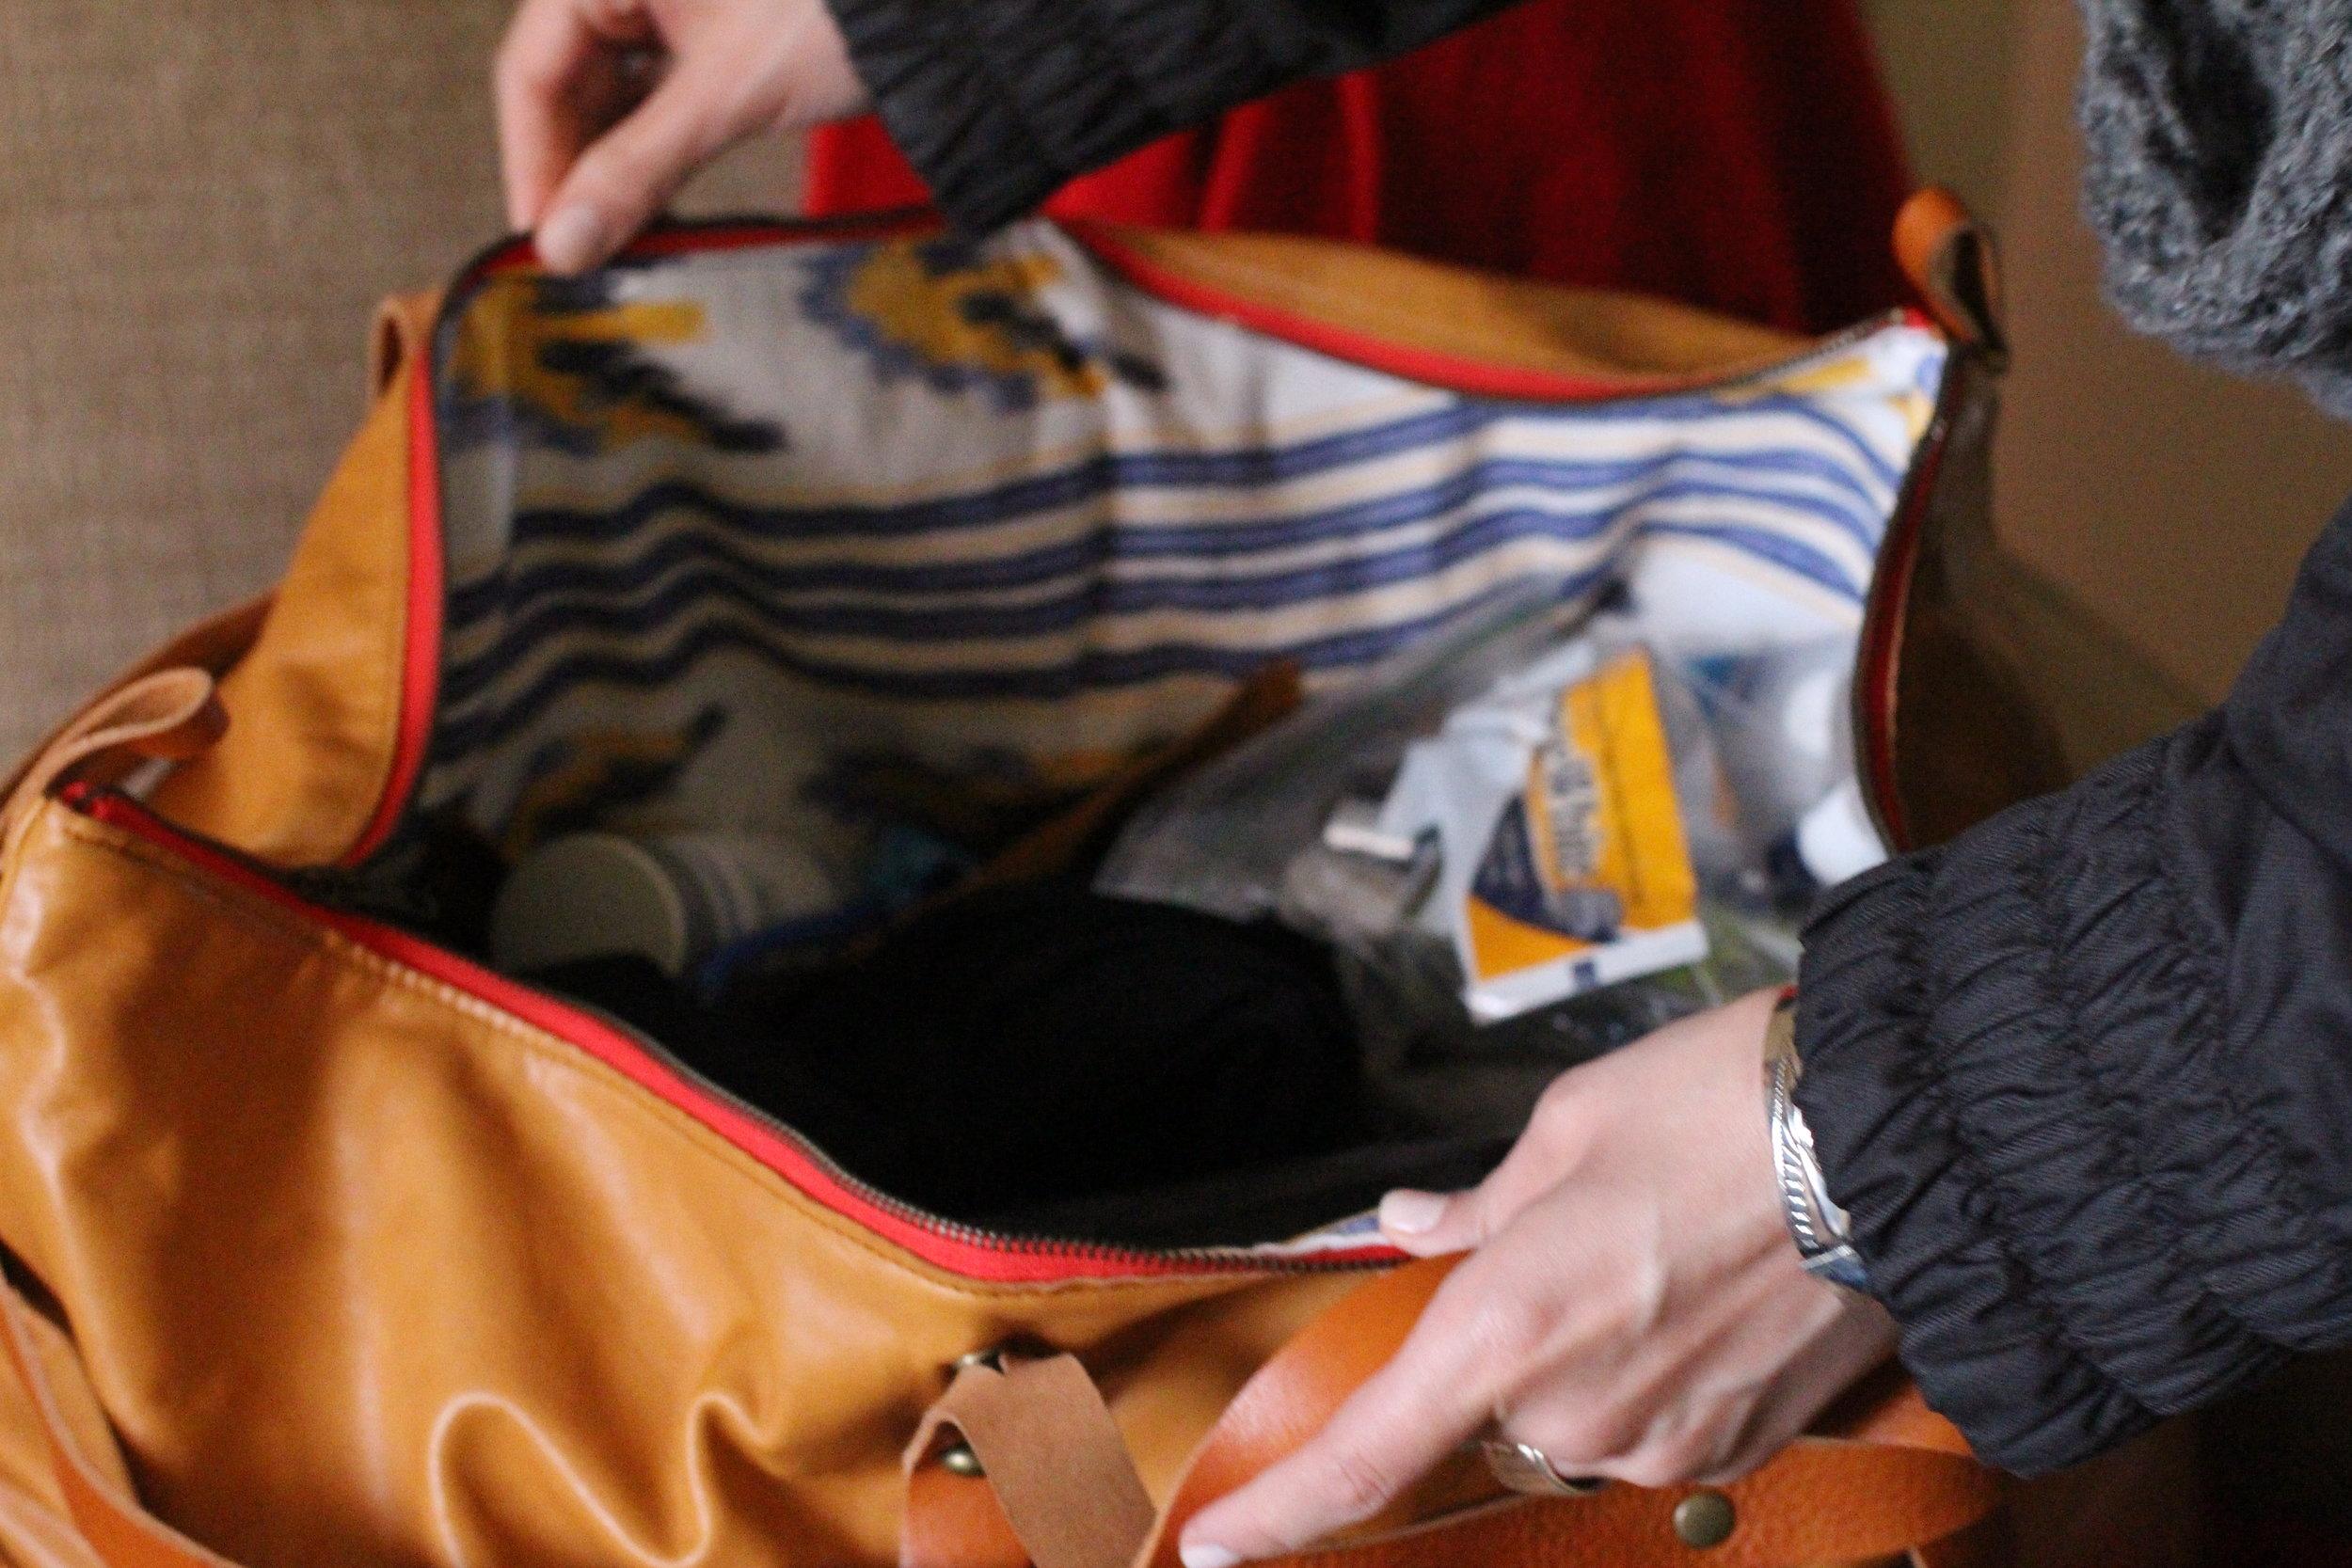 The bag.